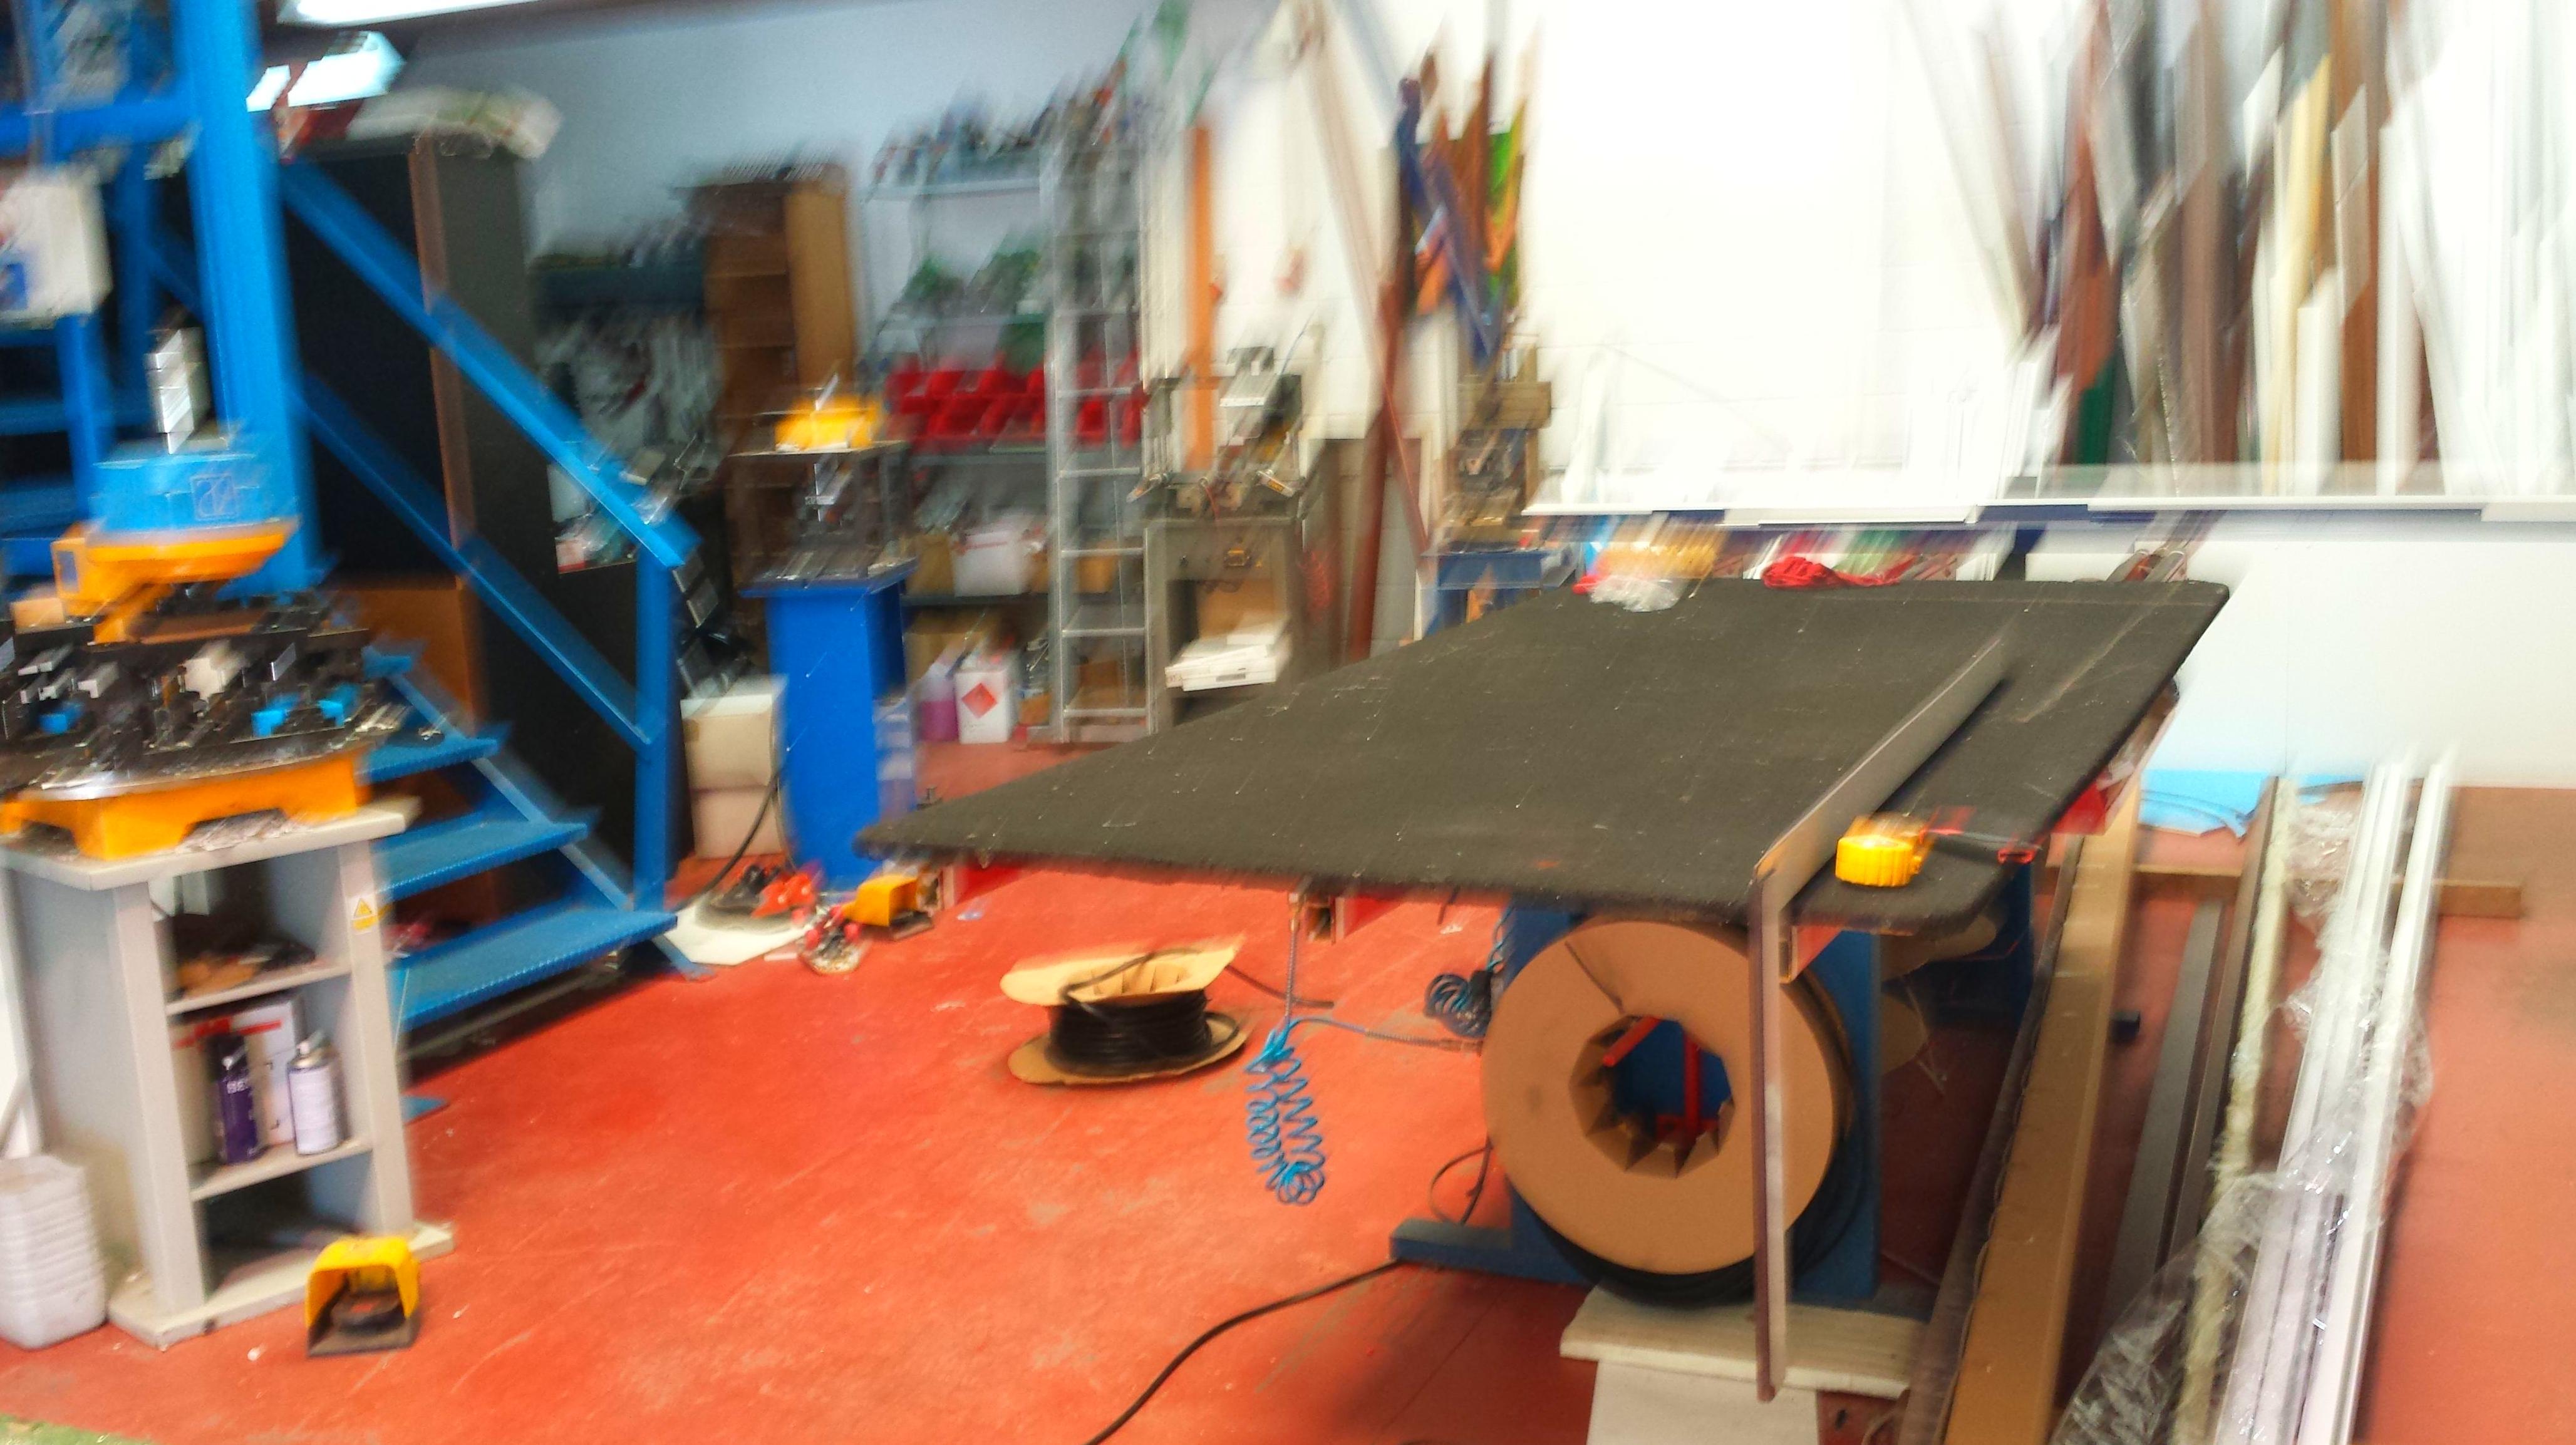 Proyecto instalaciones taller de carpintería aluminio (actividad calificada medio ambiental-mente)